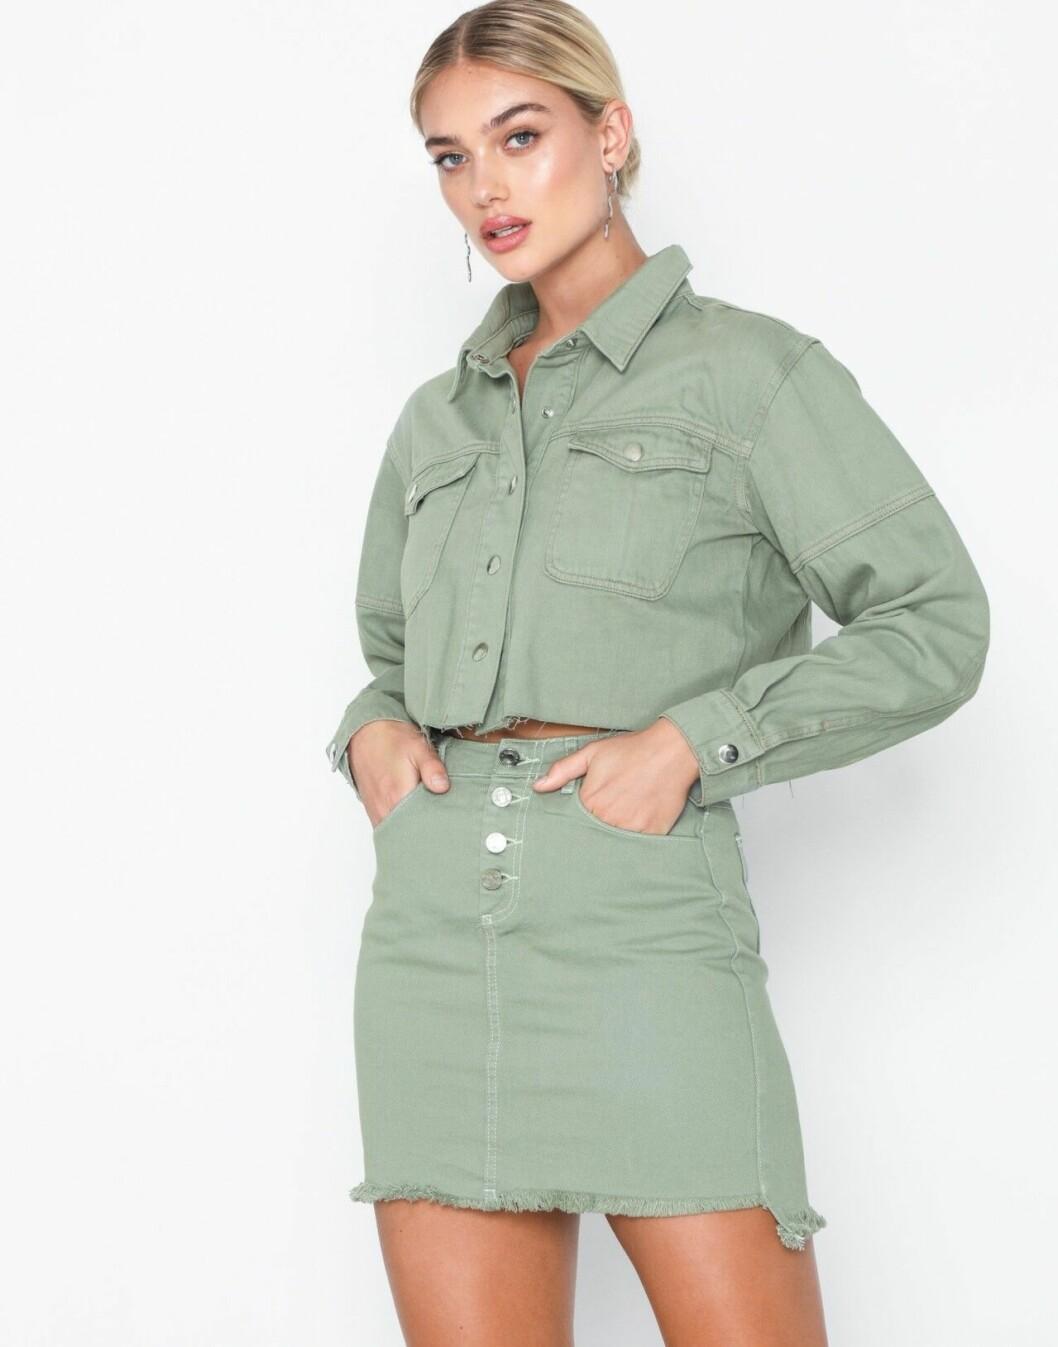 Grön jeansjacka i kort modell för dam till 2019